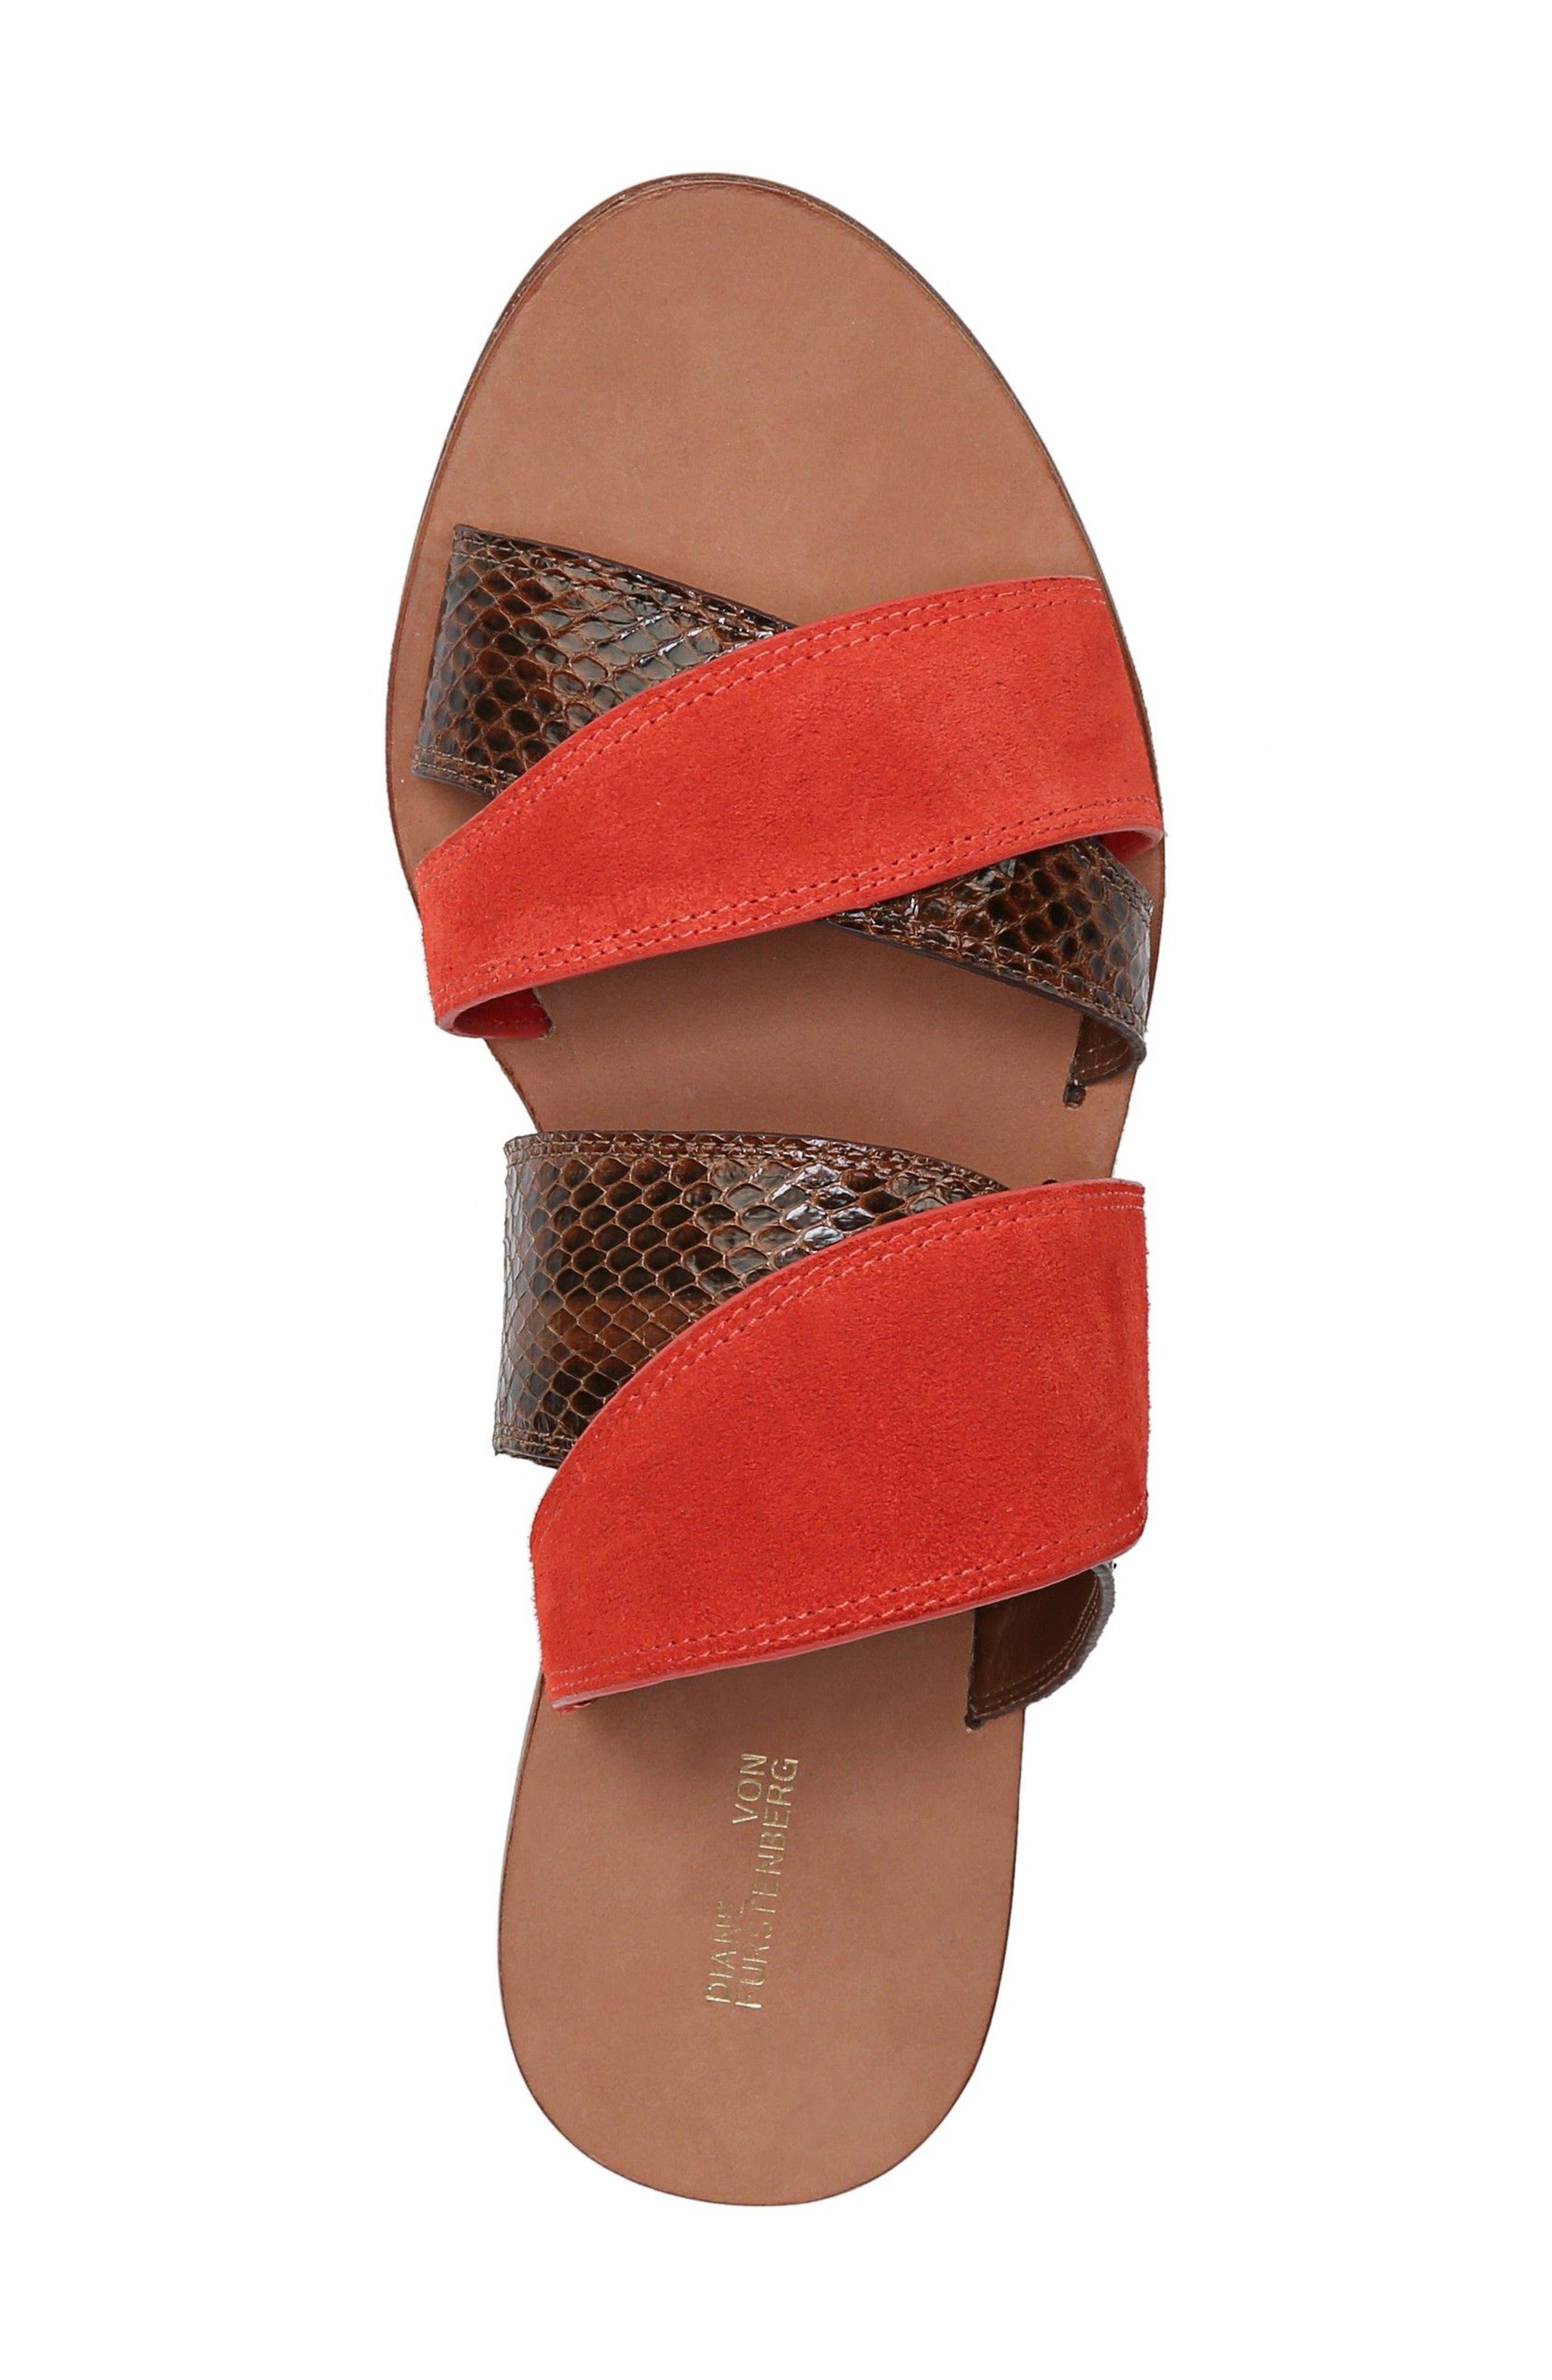 Blake Cross Strap Slide Sandal,                             Alternate thumbnail 5, color,                             Caramel/ Red